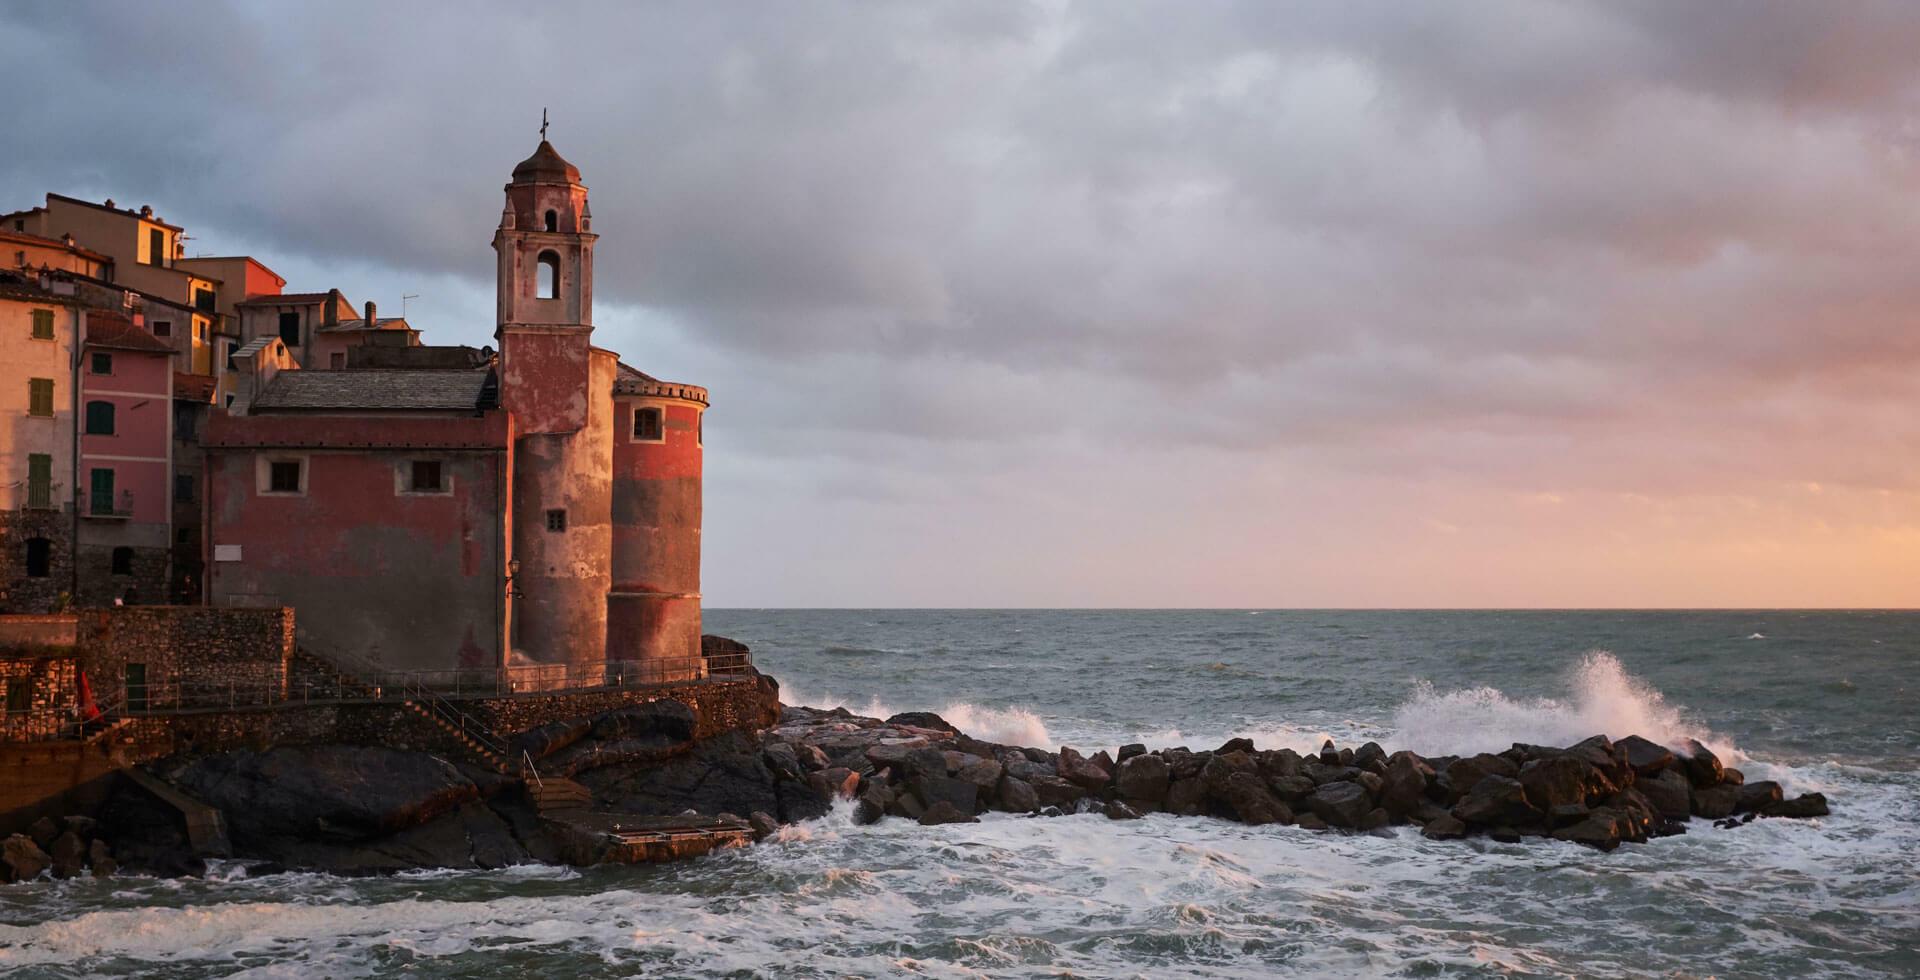 Church near the sea -Grand Hotel Portovenere